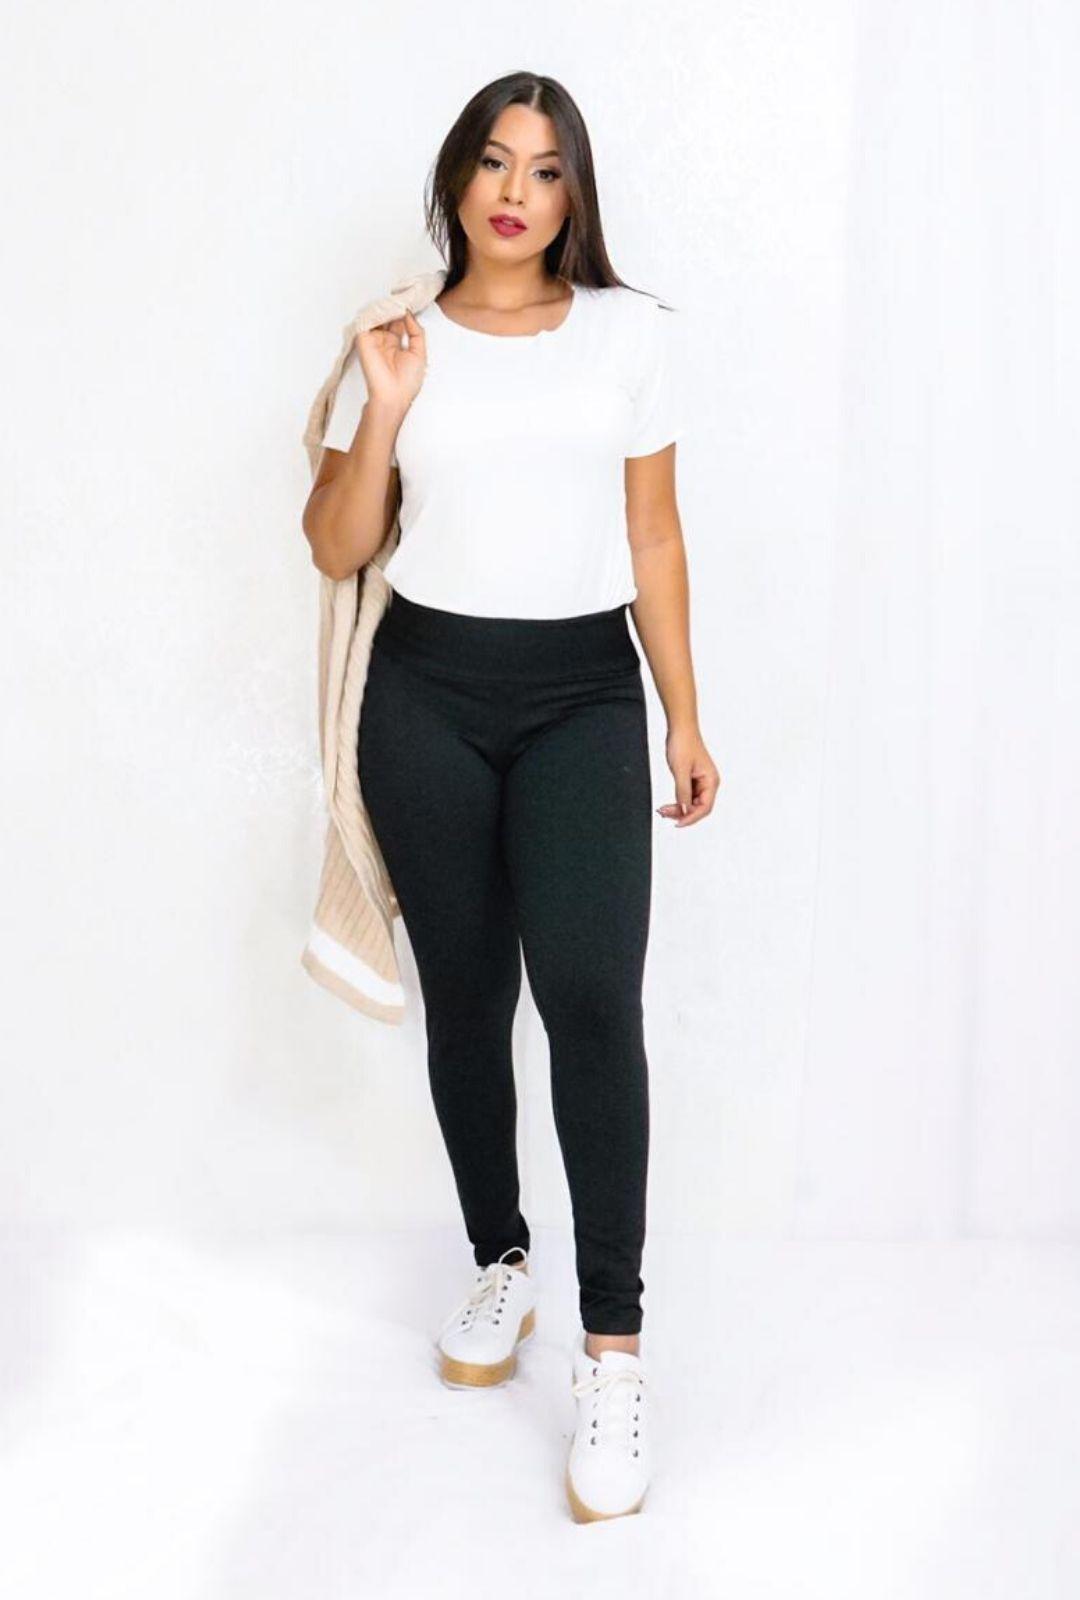 Calça Legging Básica  Forrada  - ModaStore